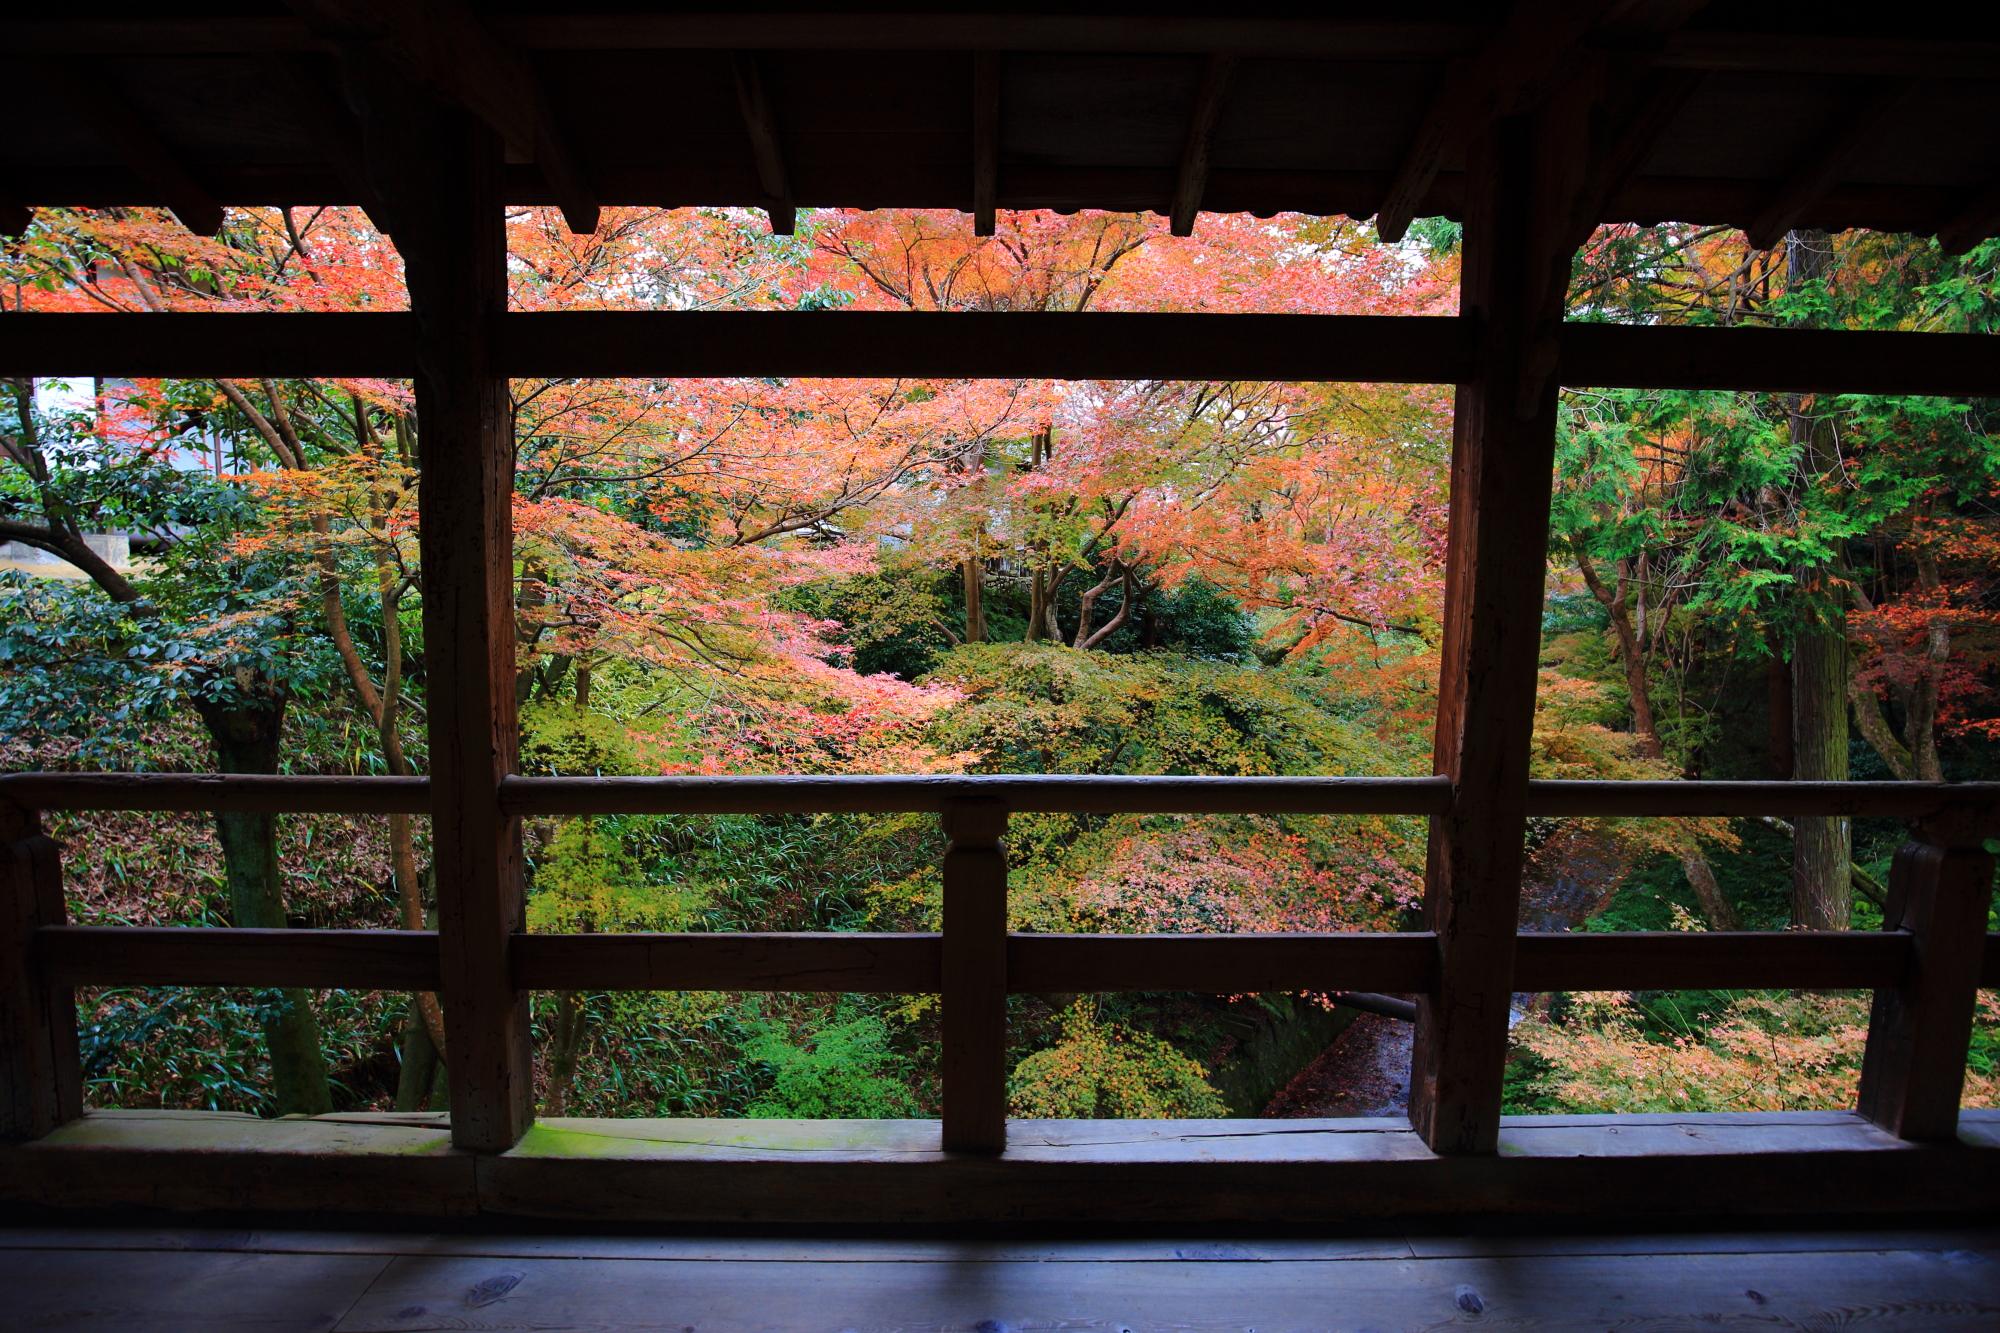 龍吟庵前にかかる偃月橋(えんげつきょう)の紅葉